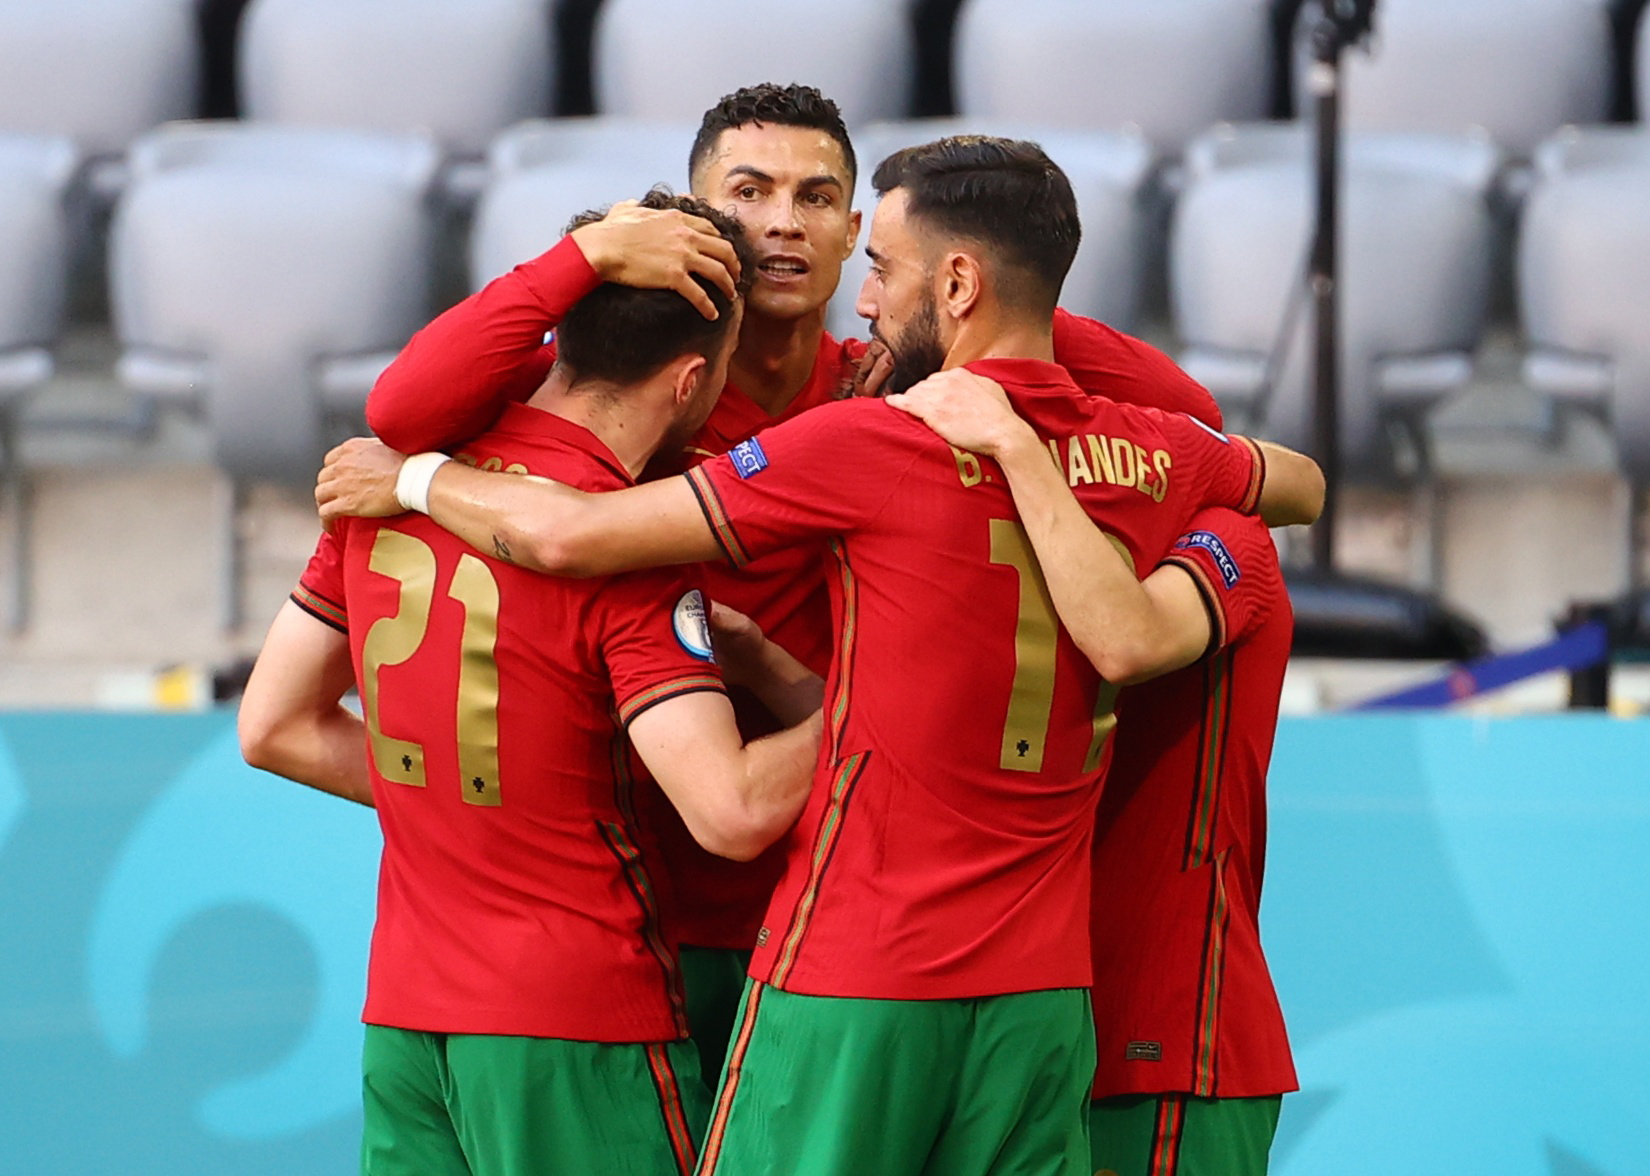 Euro 2020, Πορτογαλία – Γερμανία: Το γκολ και η τρομερή ενέργεια του Κριστιάνο Ρονάλντο